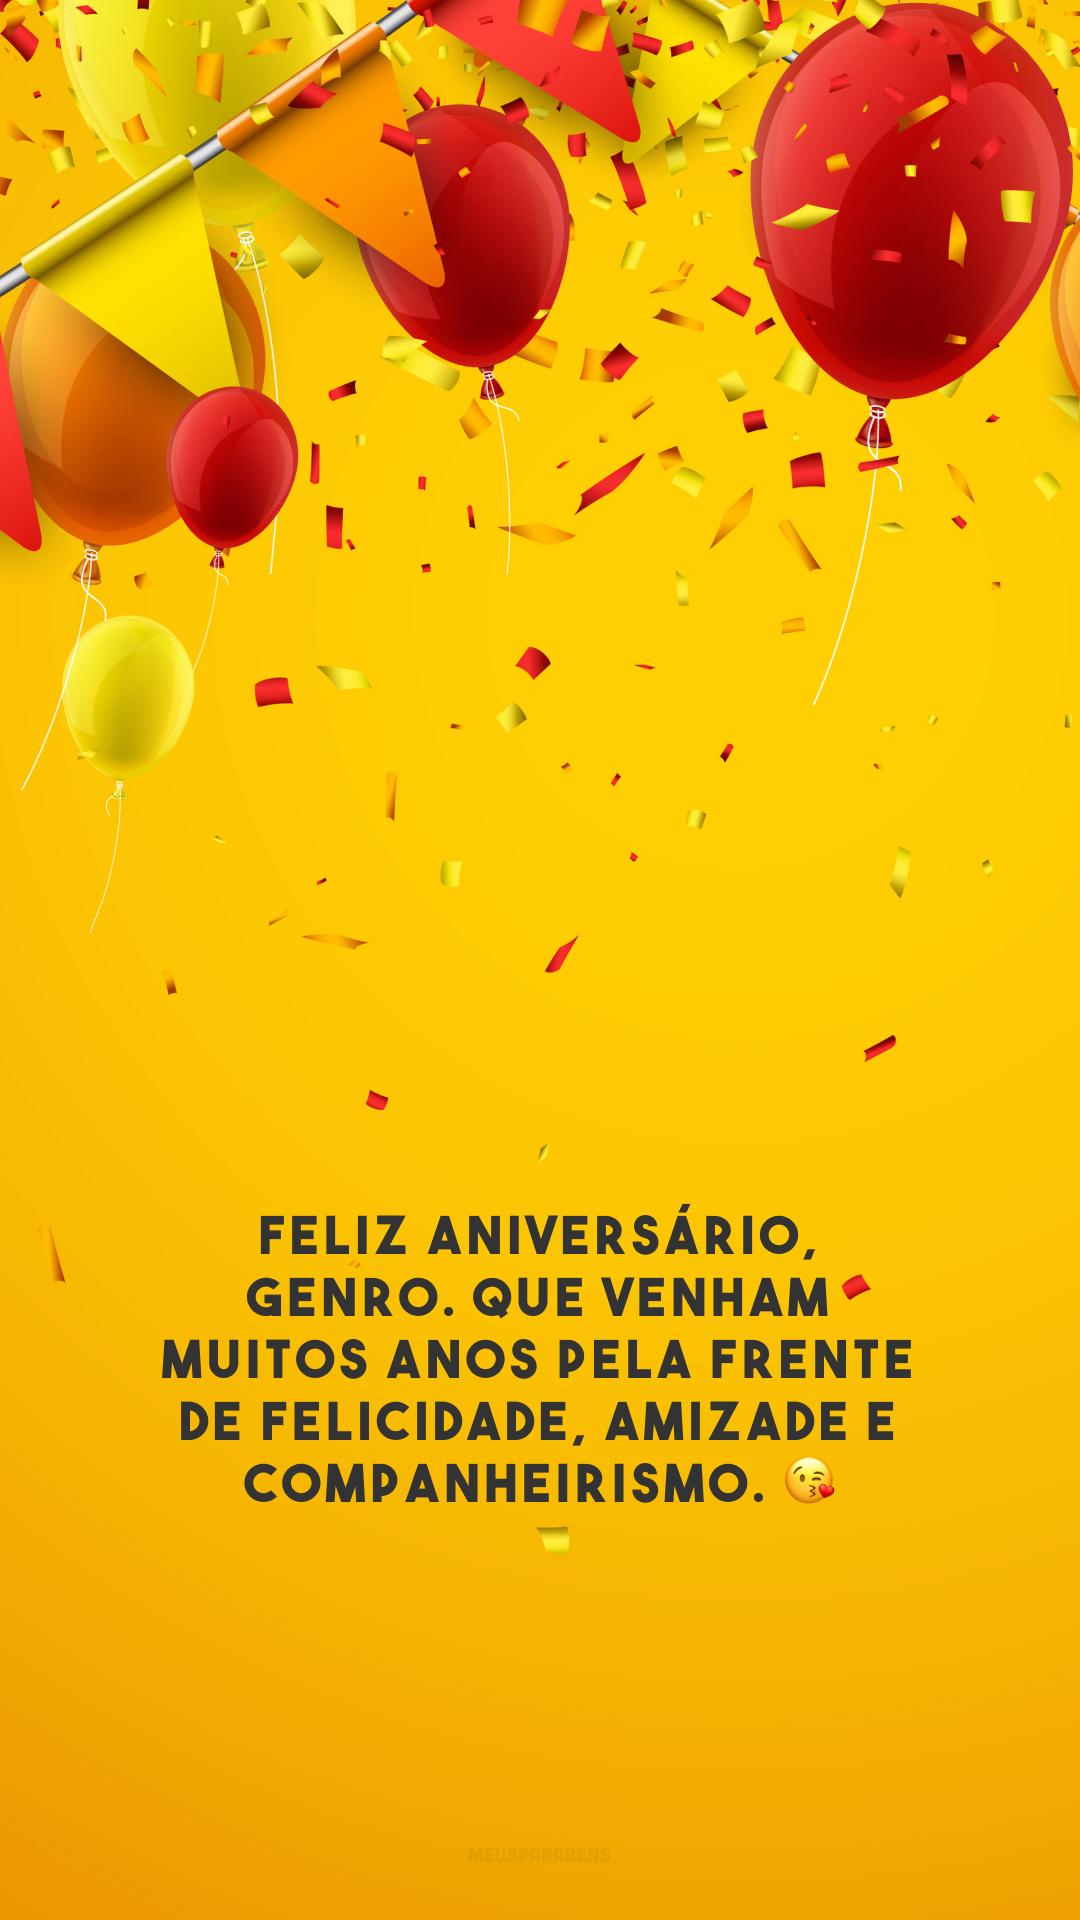 Feliz aniversário, genro. Que venham muitos anos pela frente de felicidade, amizade e companheirismo. 😘